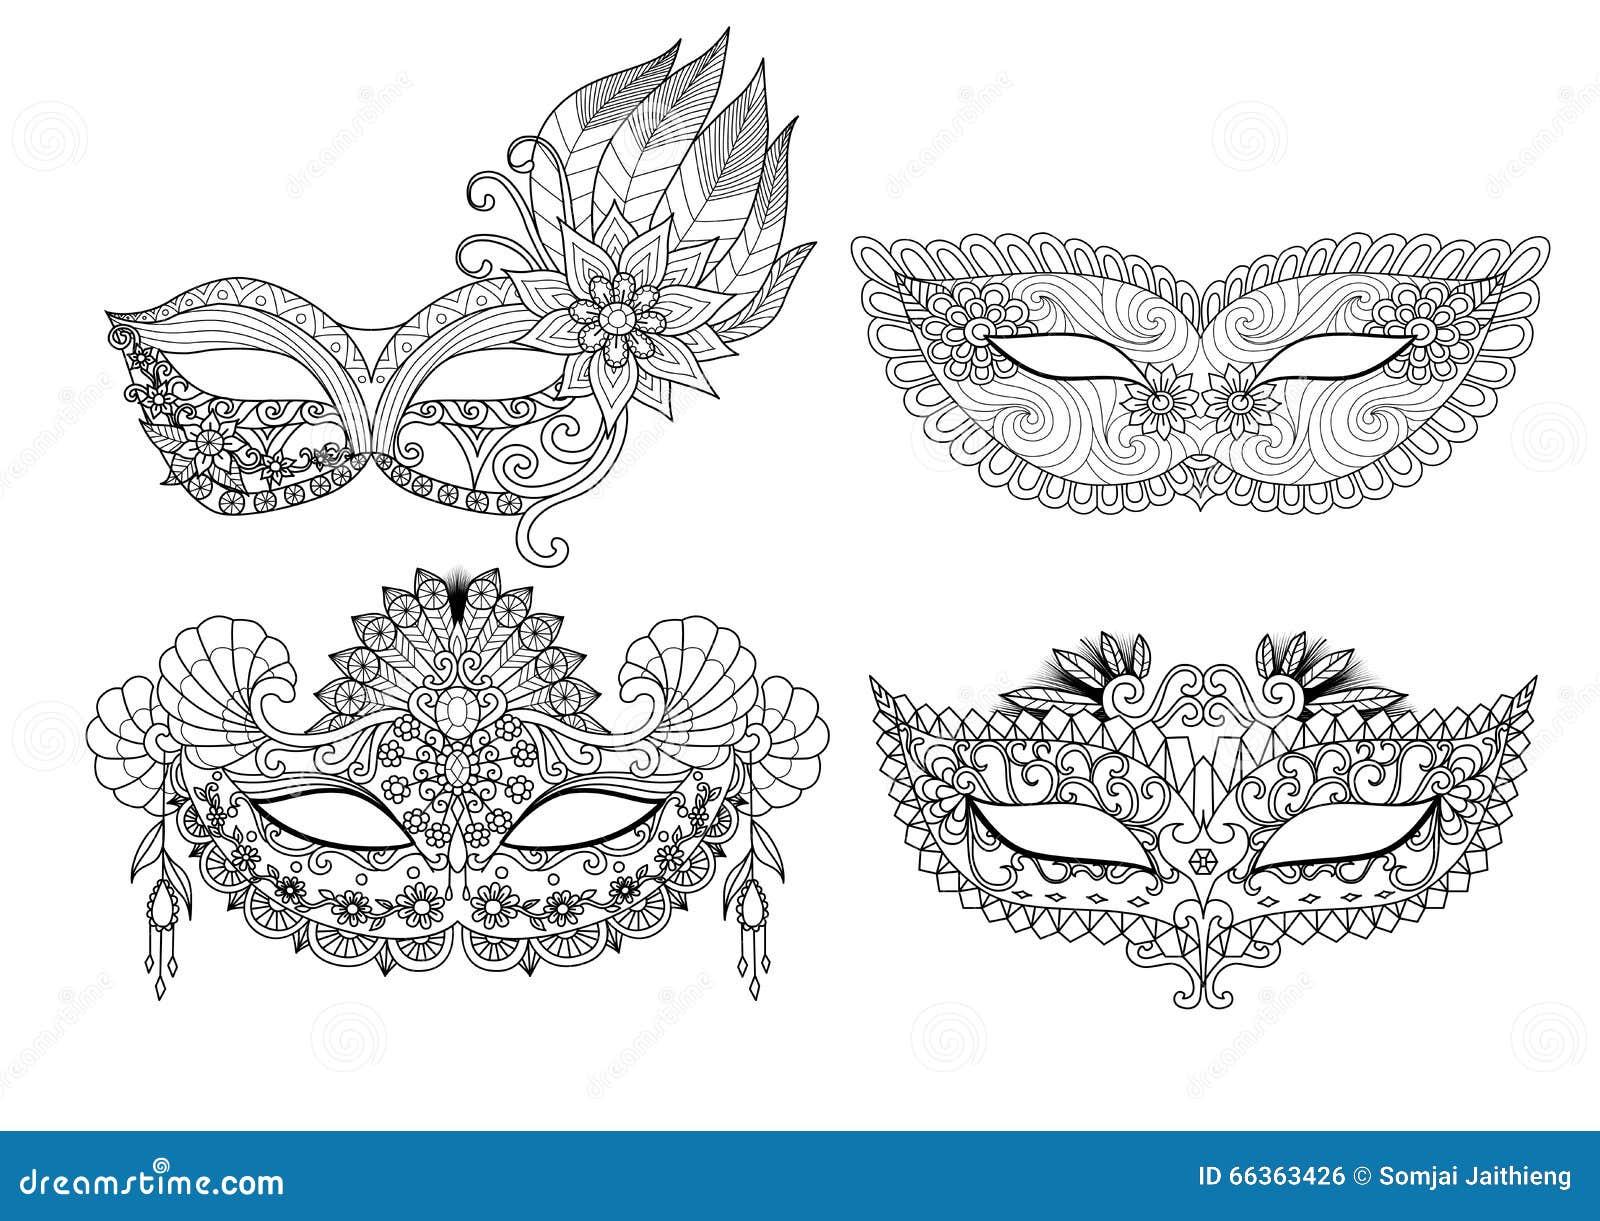 Conceptions De Masque De Carnaval Pour Livre De Coloriage Pour L